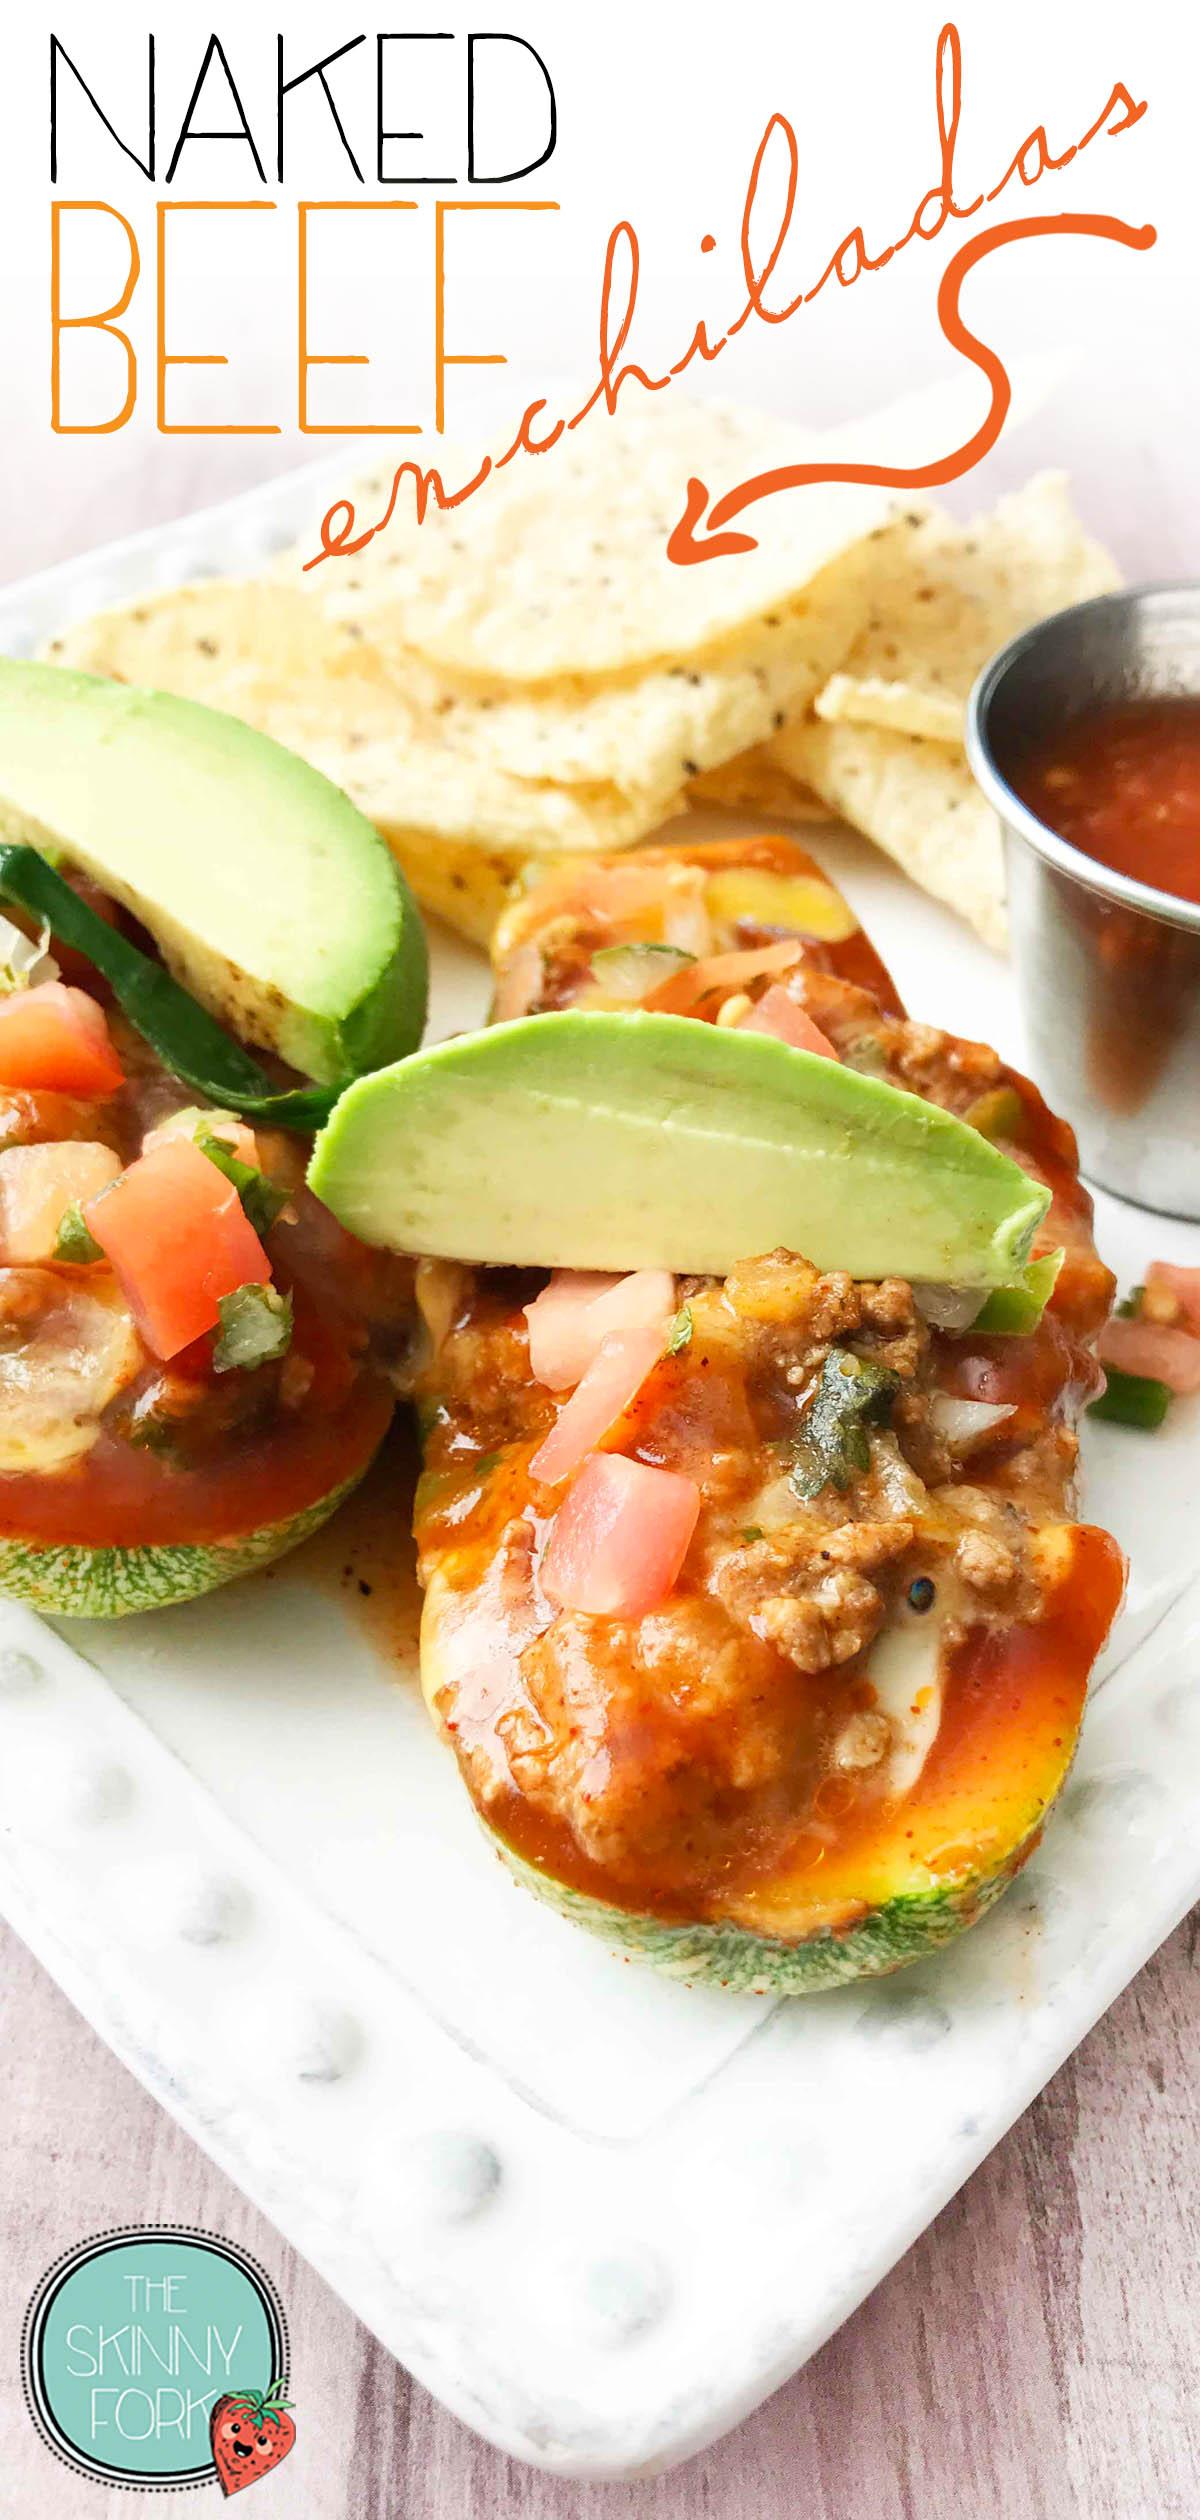 Naked Beef Enchiladas